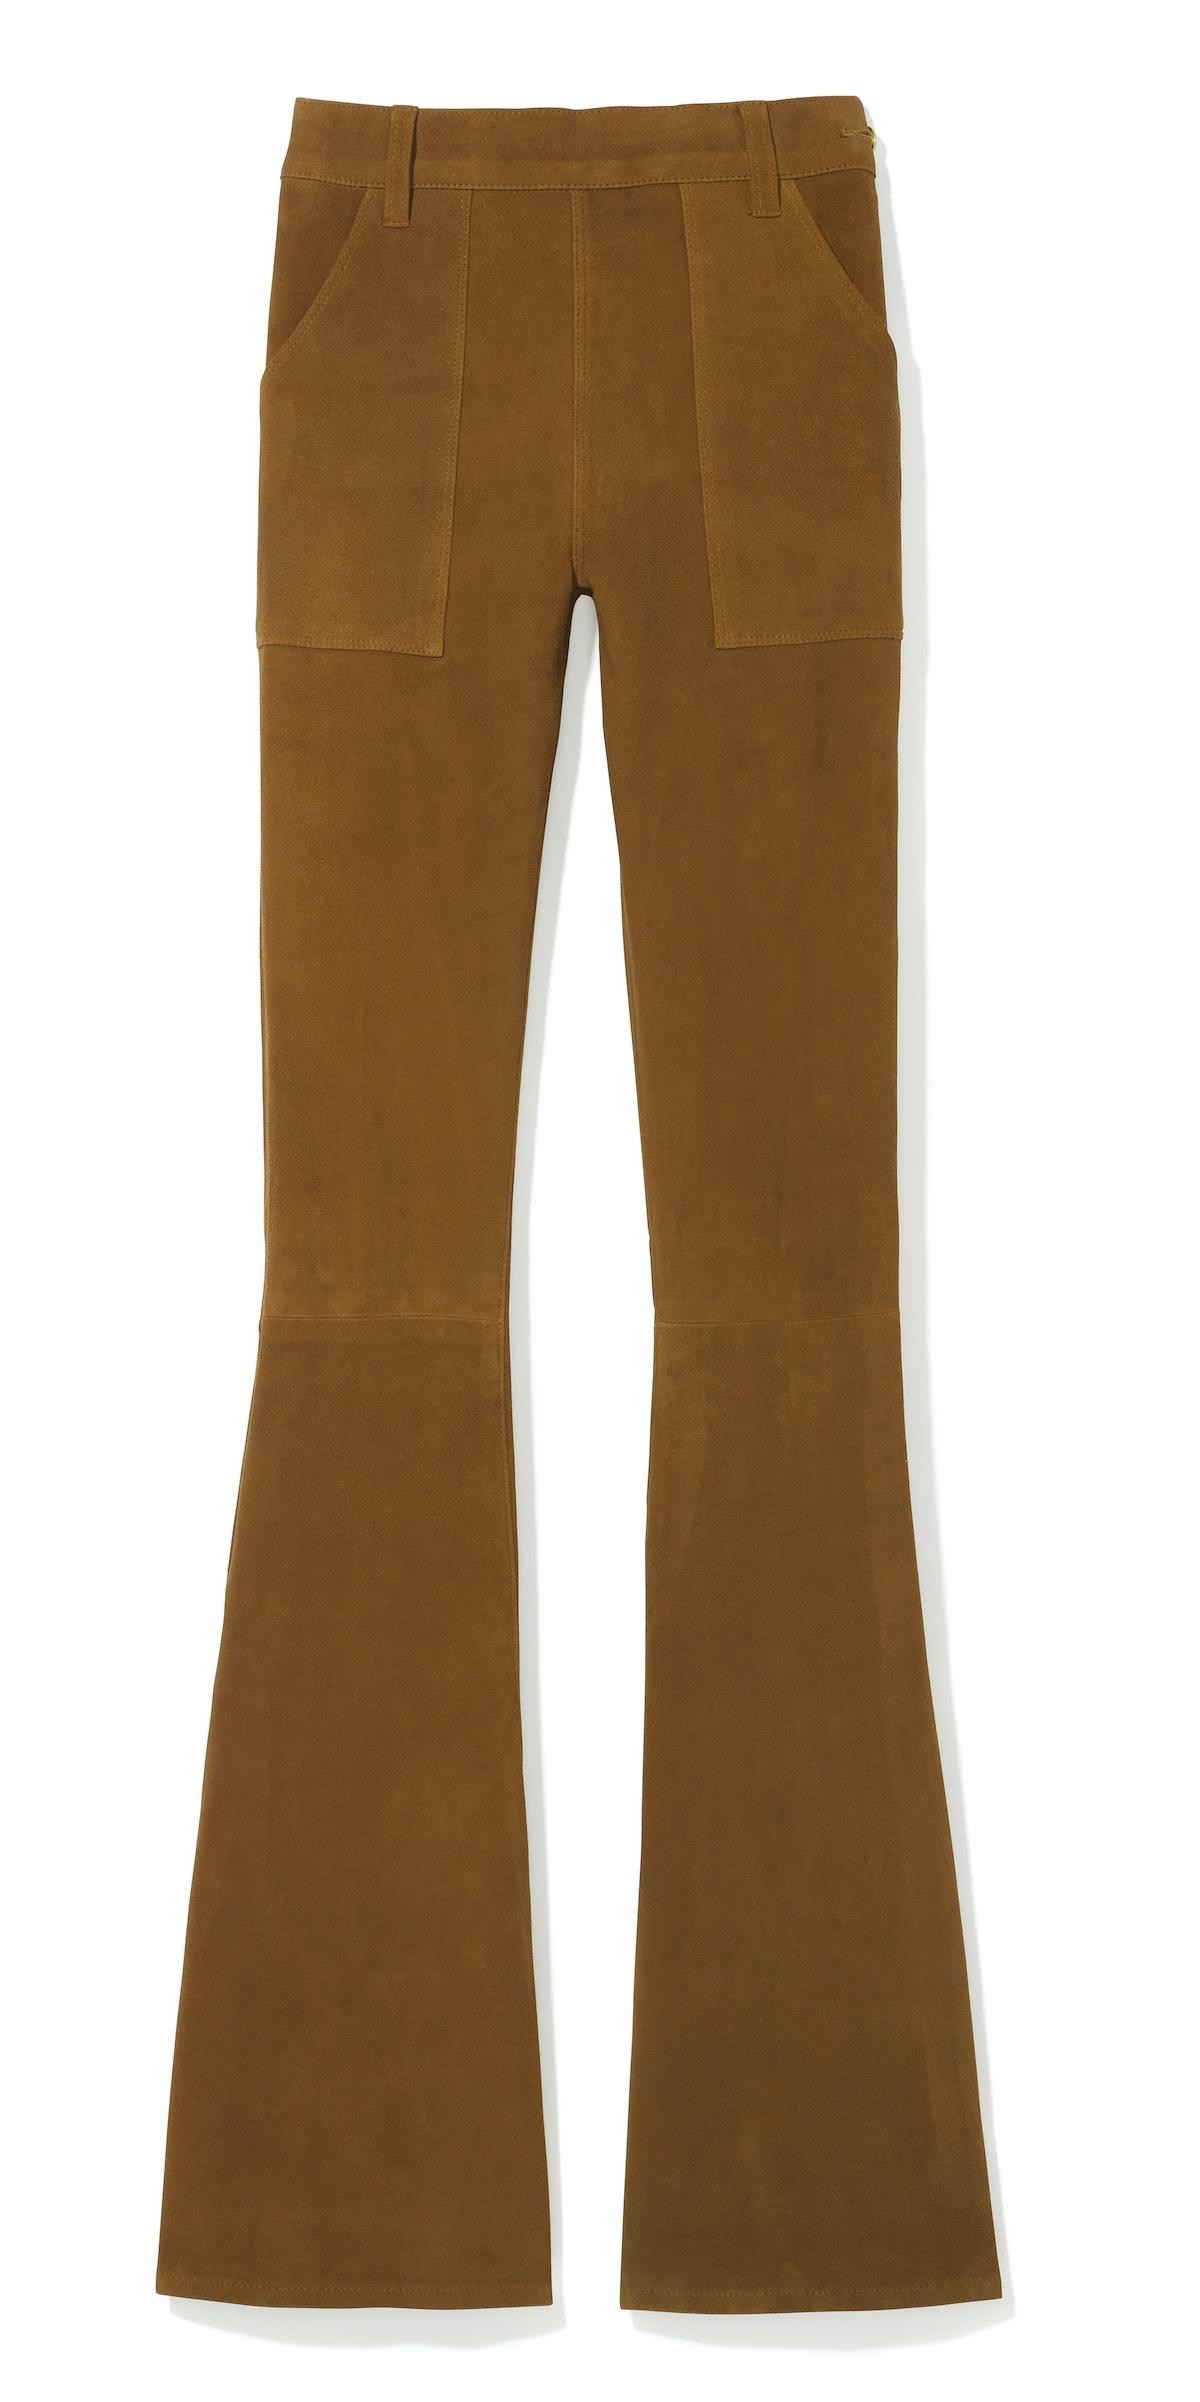 Frame Denim pants